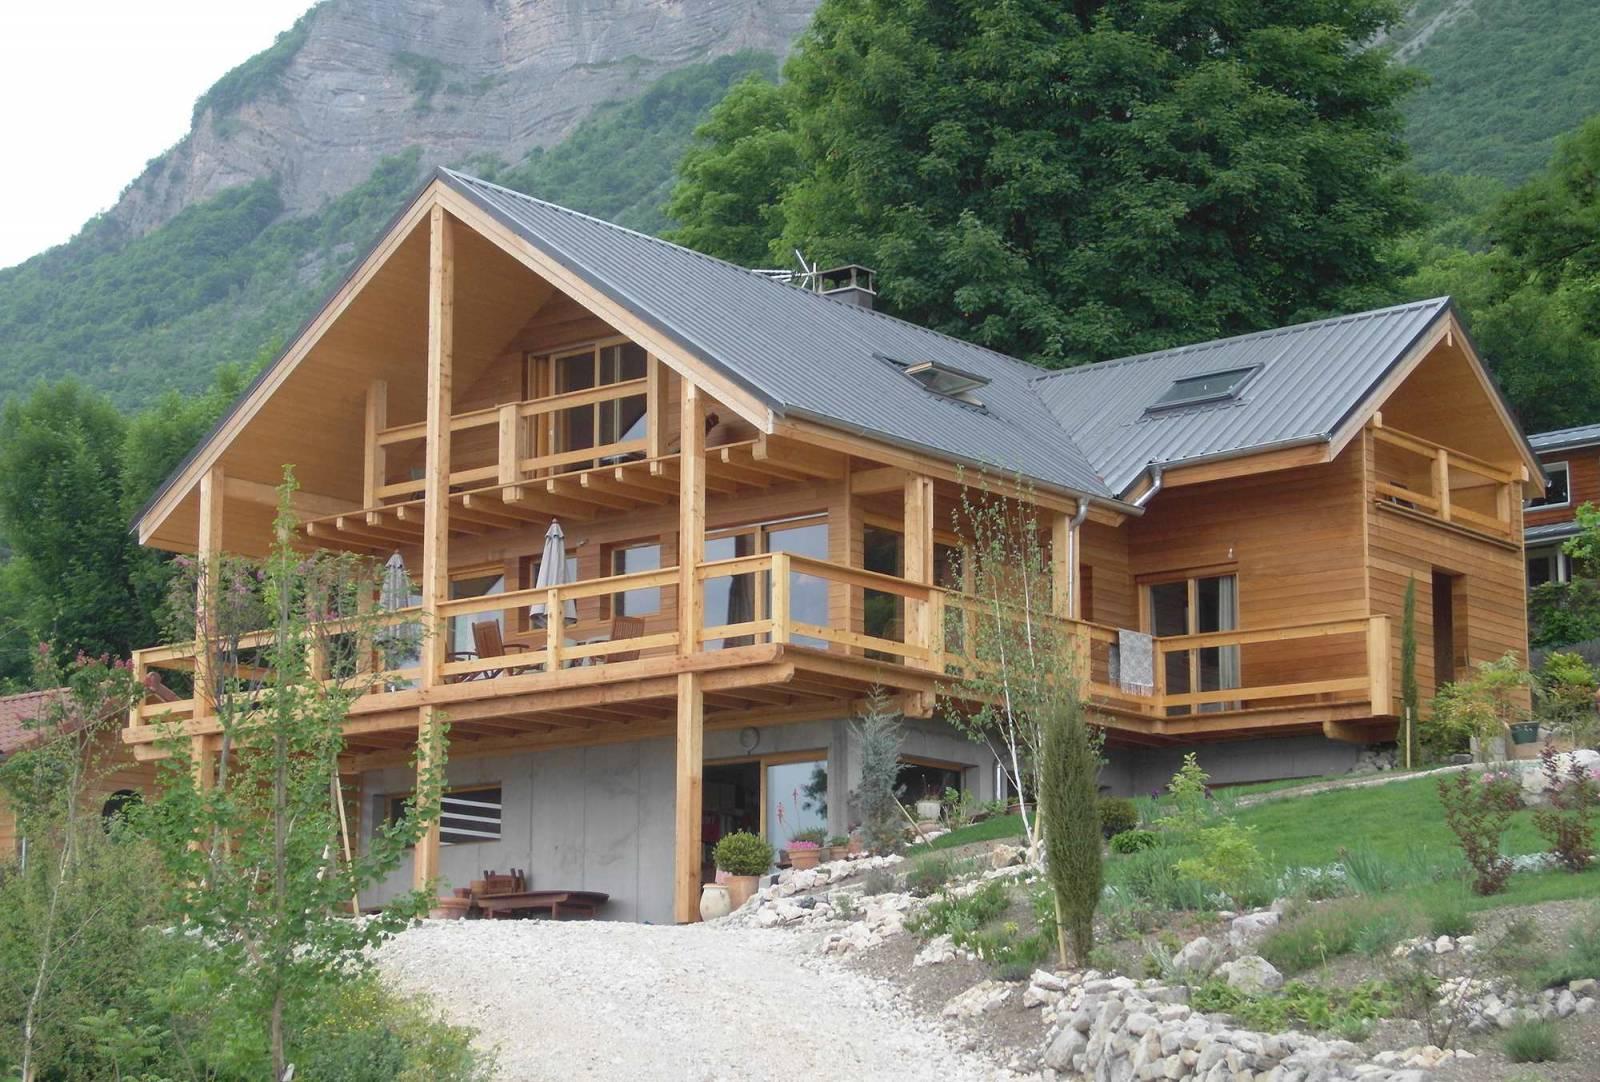 Maison En Bois Annecy construction maison en ossature bois et bardage mélèze à